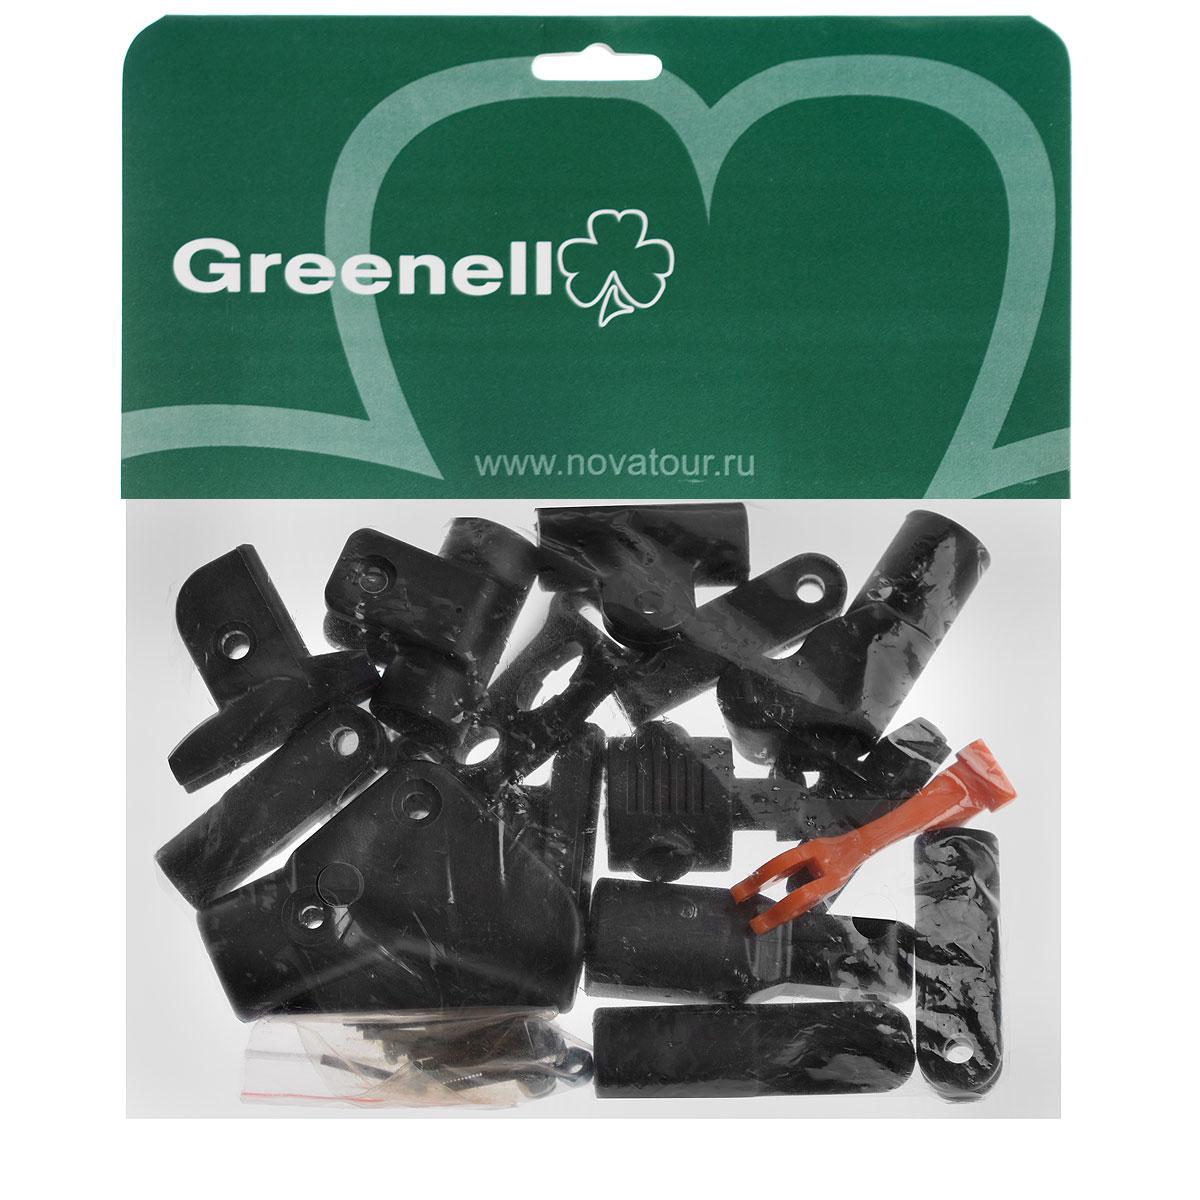 Ремкомплект Greenell №3, для палаток: Nevic, Grange95631-000-00Ремкомплект Greenell №3 для палаток: Nevic, GrangeНезаменимый помощник при выявлении поломок или дефектов в походных условиях.Материал: пластик, металл.